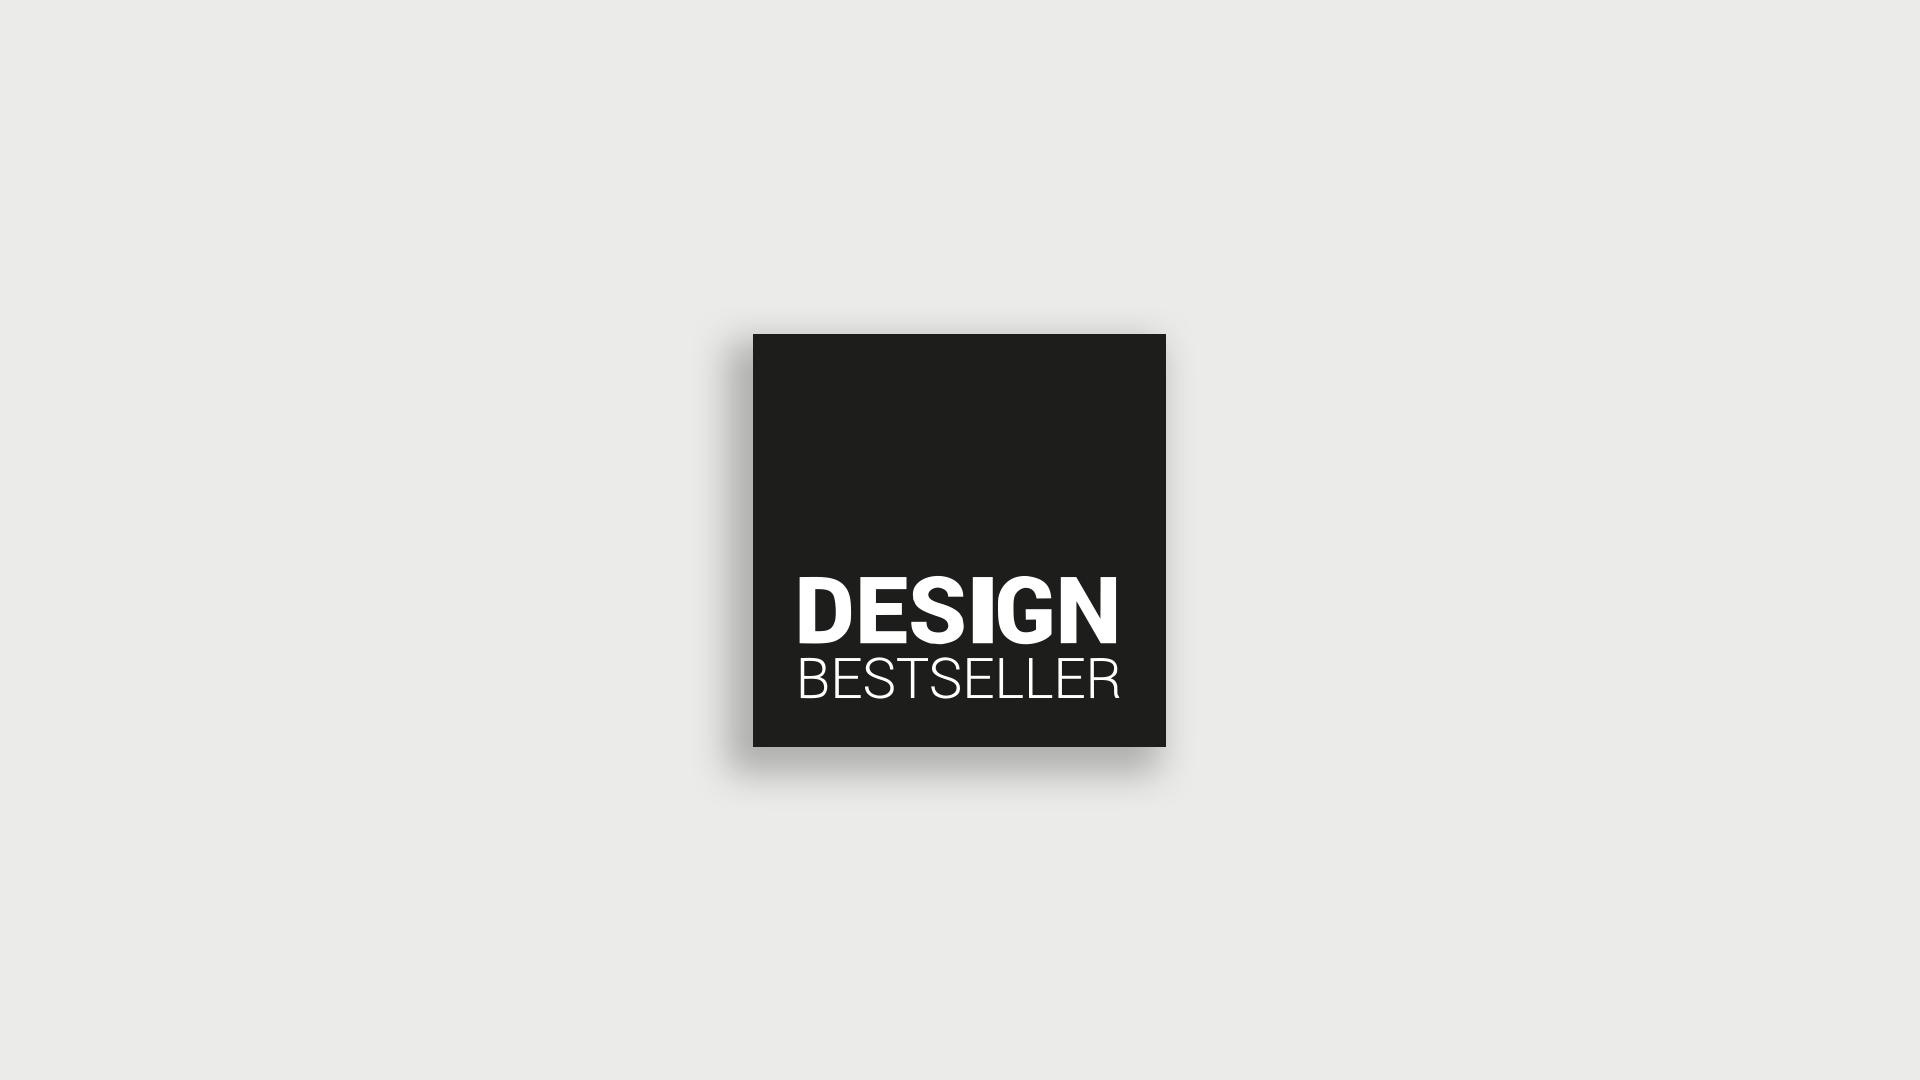 Das Logo von Design Bestseller.